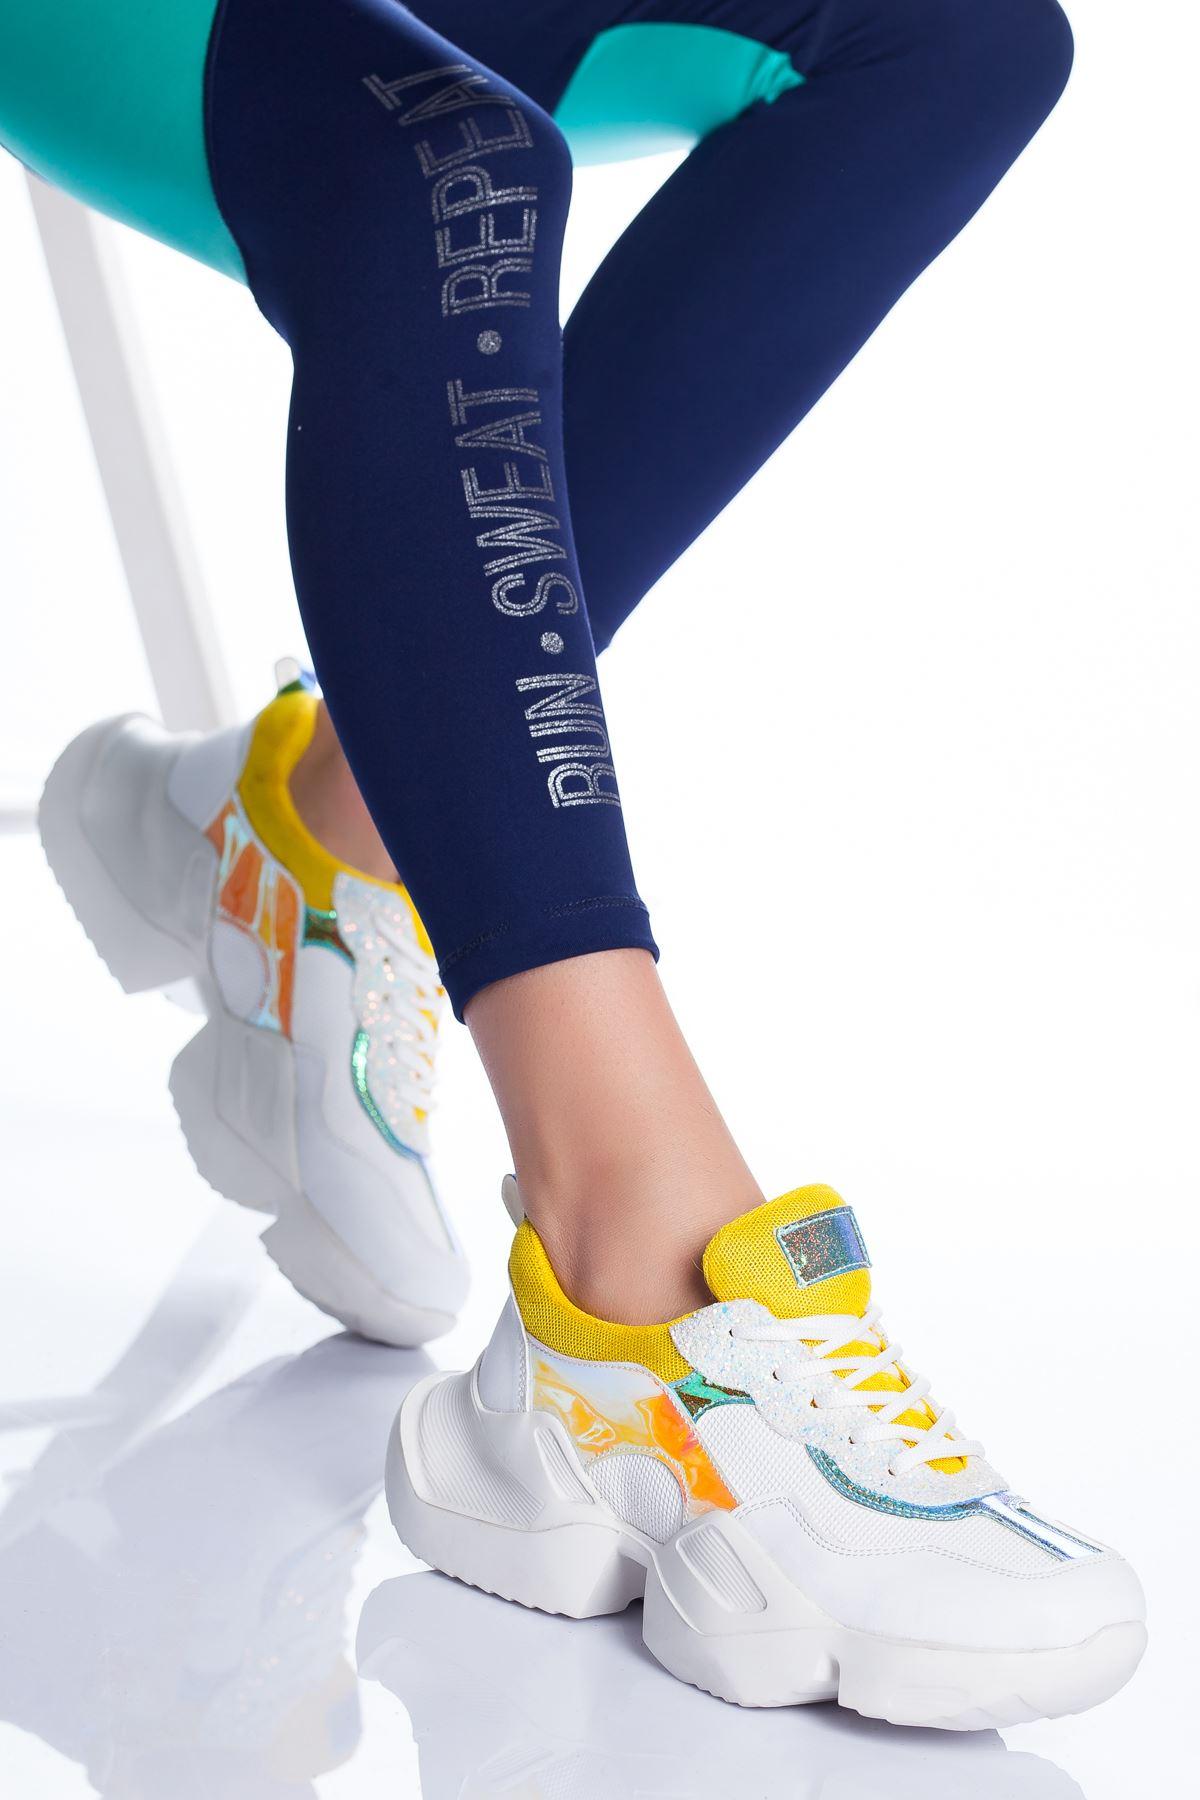 Nelly Spor Ayakkabı BEYAZ-SARI